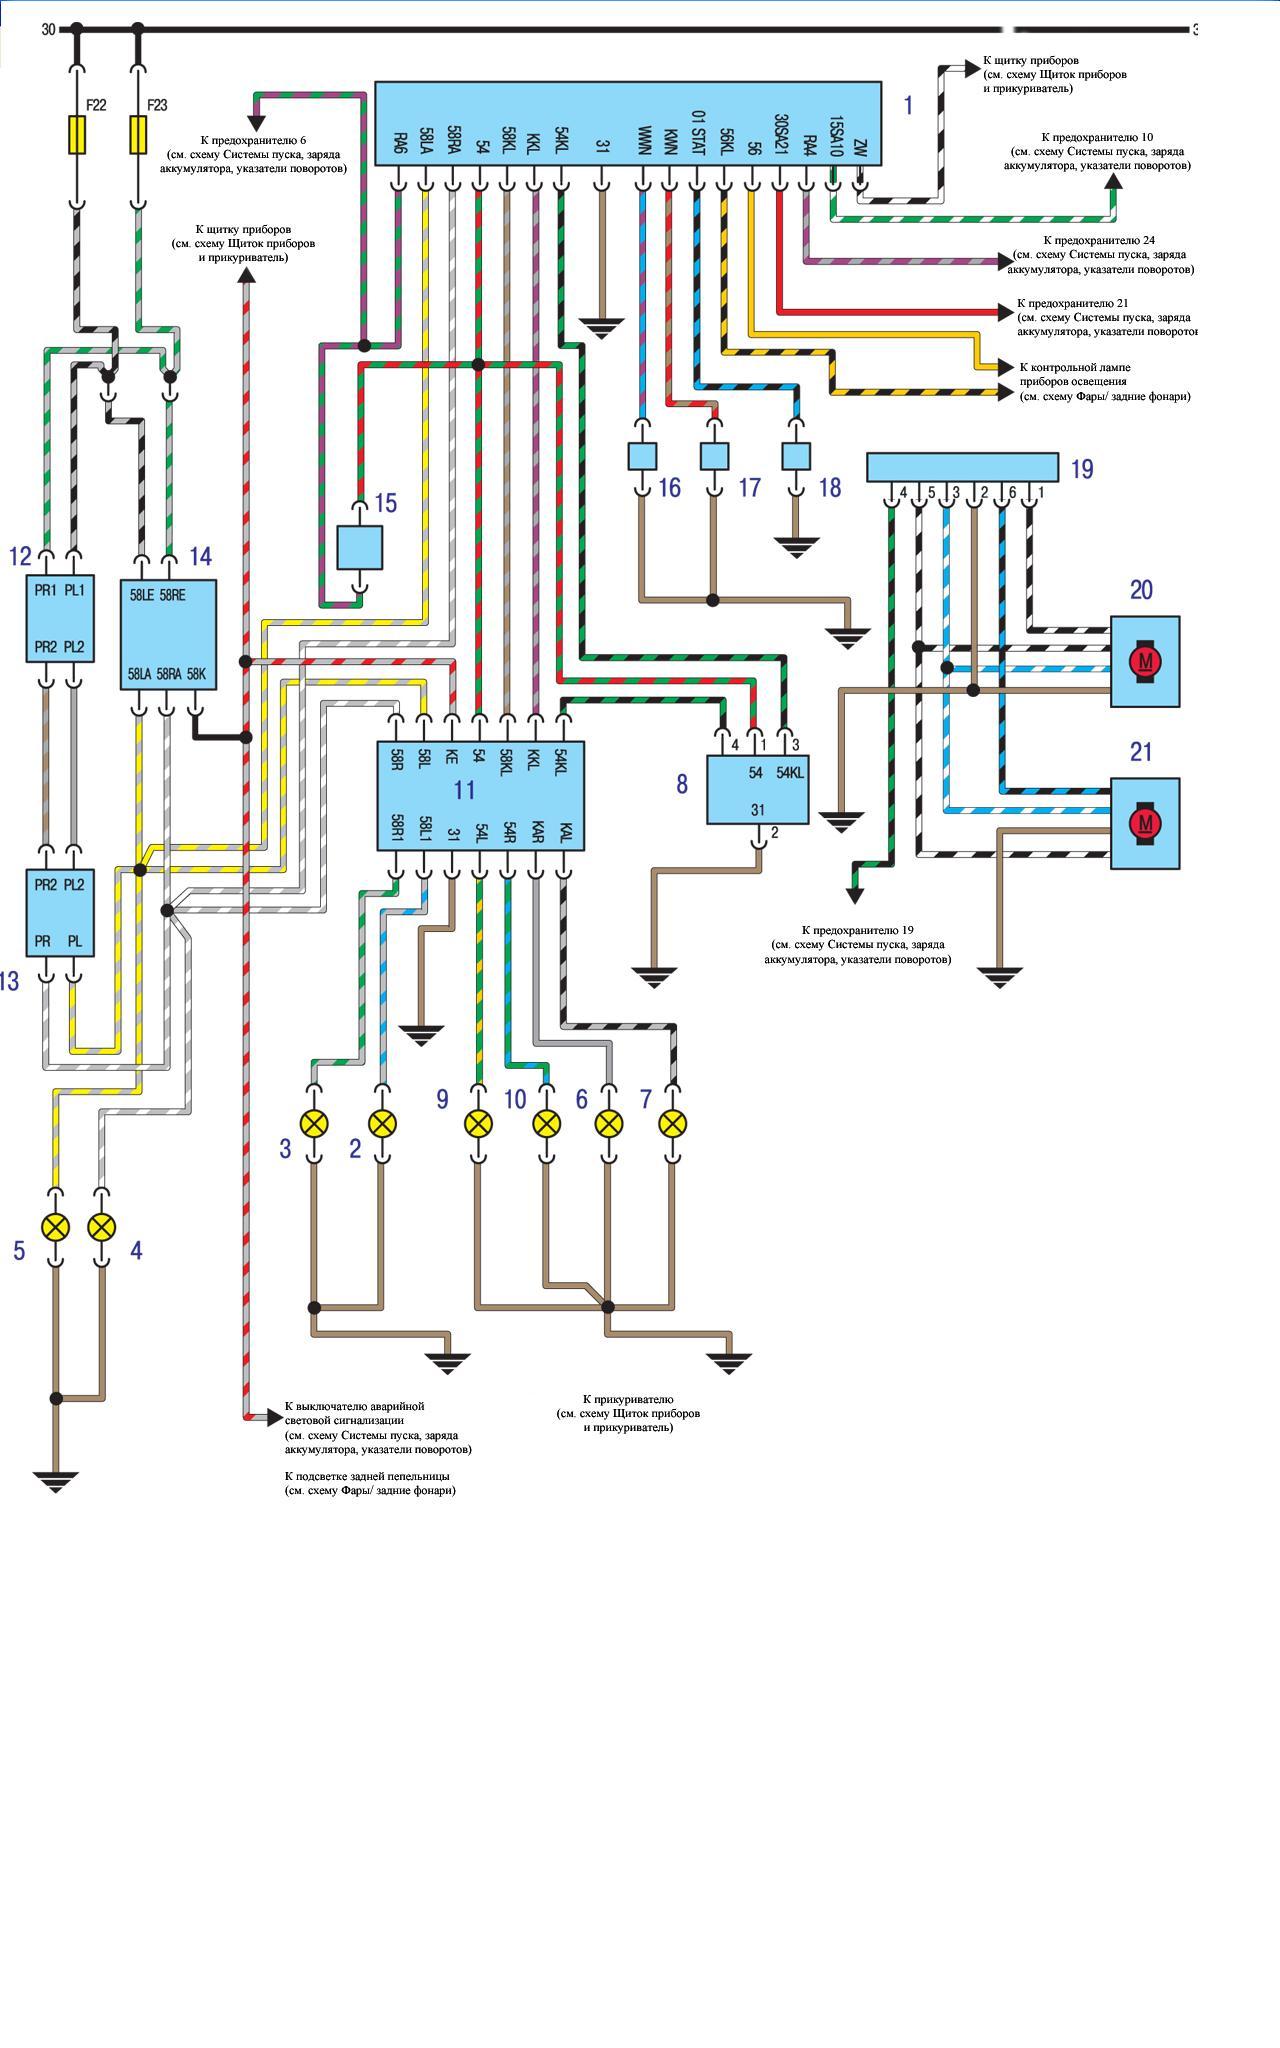 Схема проводки БМВ Е30 - Блок диагностики; сигнал заднего хода, торможения, электропривод зеркал